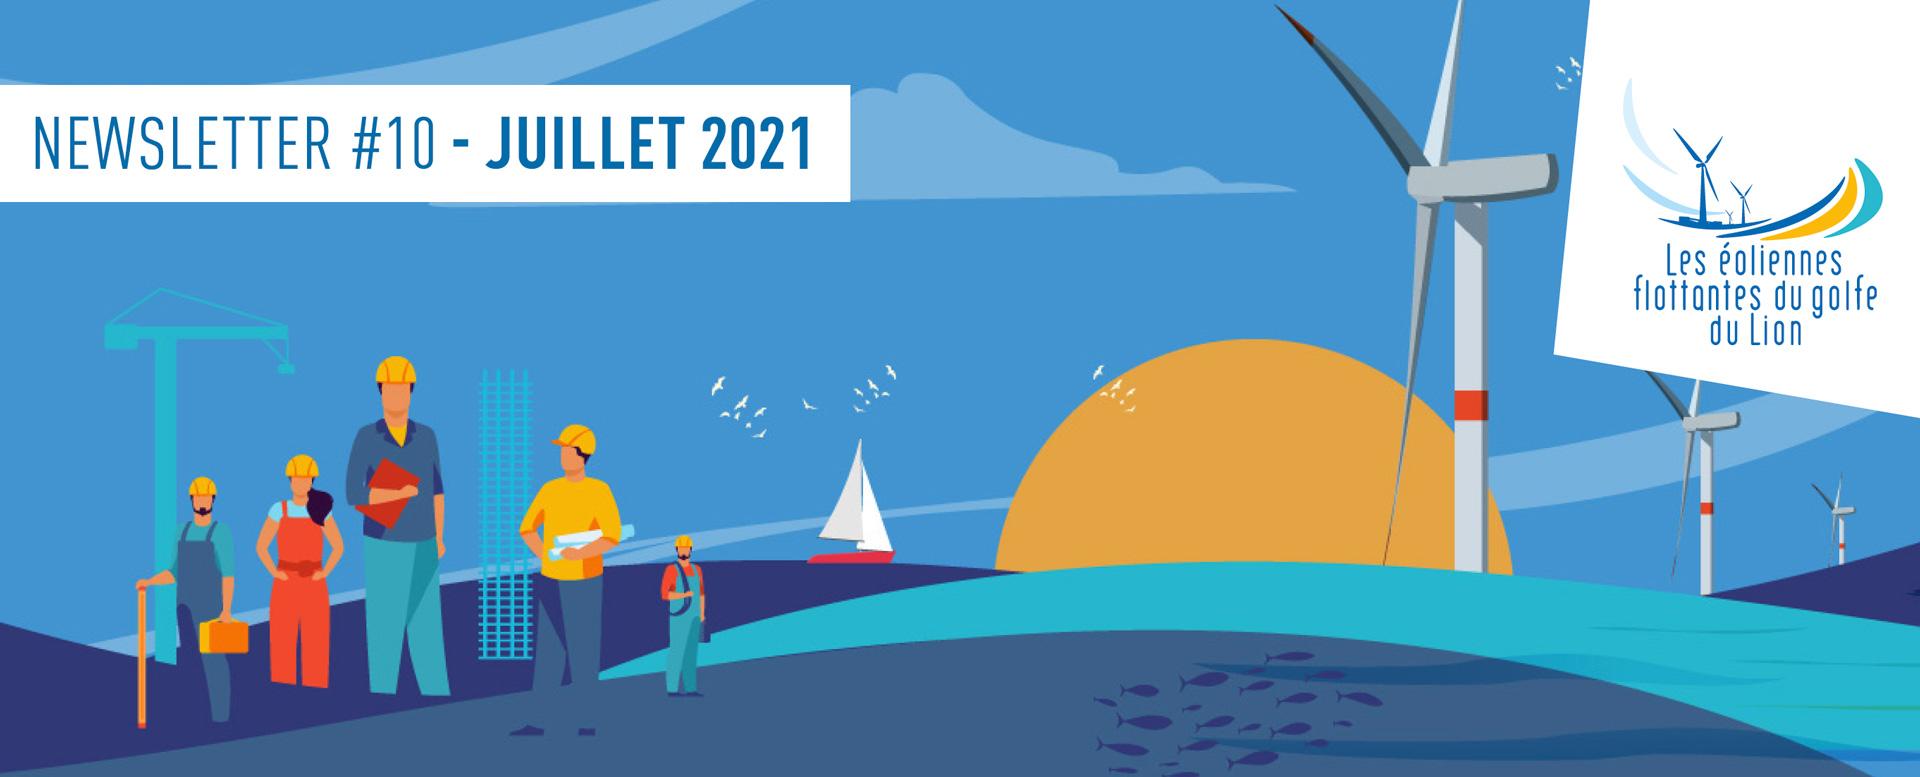 bandeau-efgl-newsletter-juillet-2021